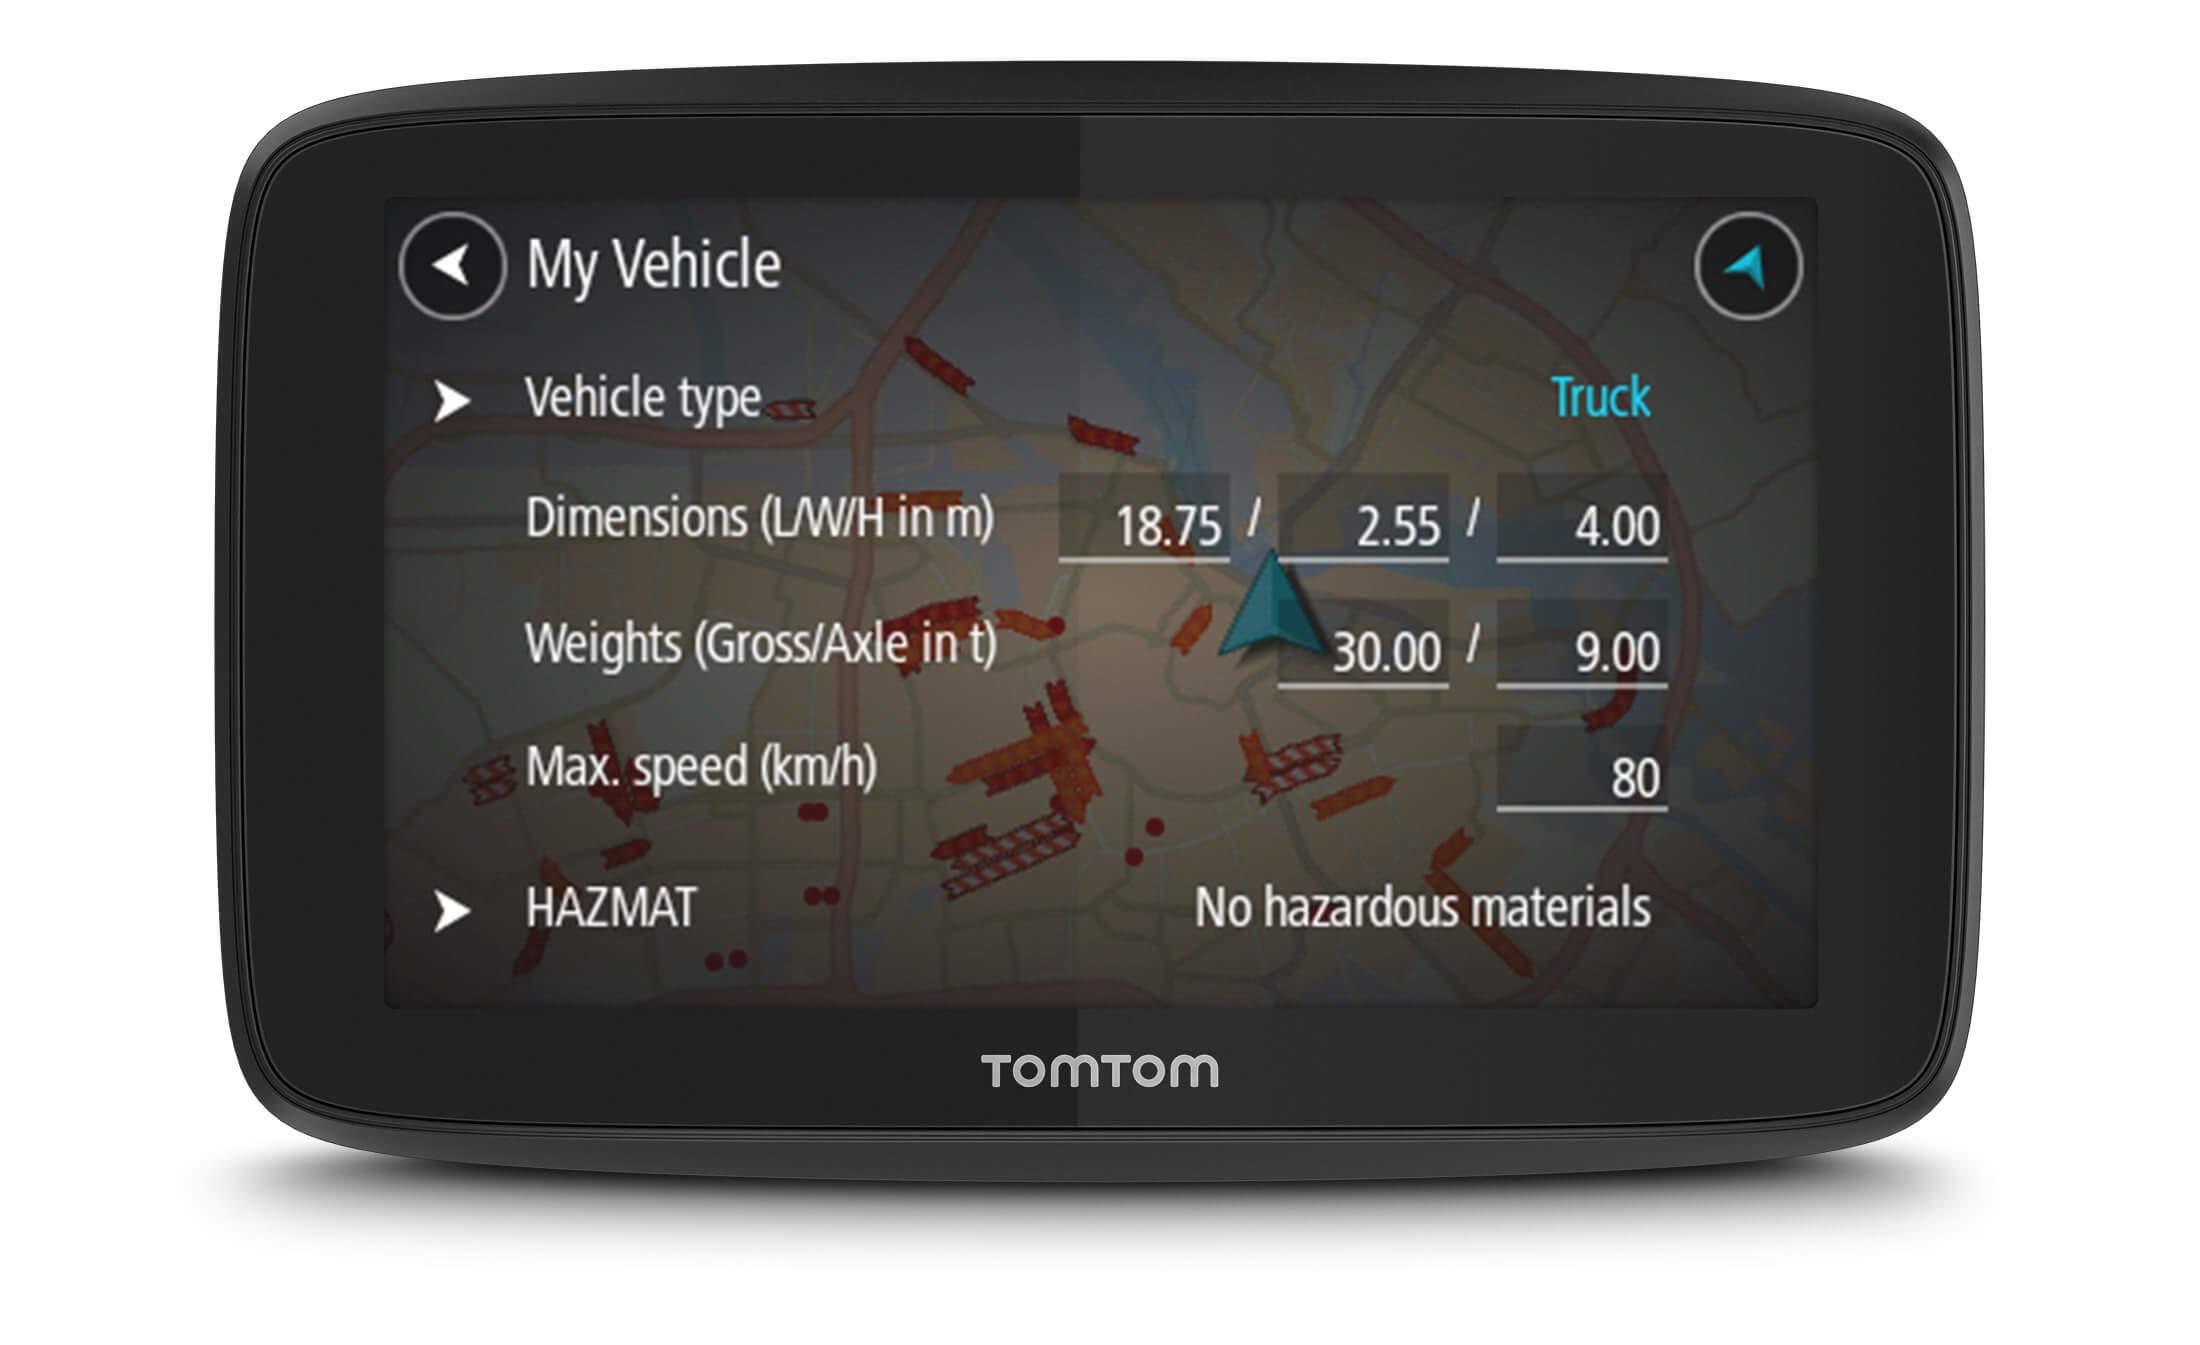 TOMTOM-TELEMATICS-PRO-7350-EU-Truck